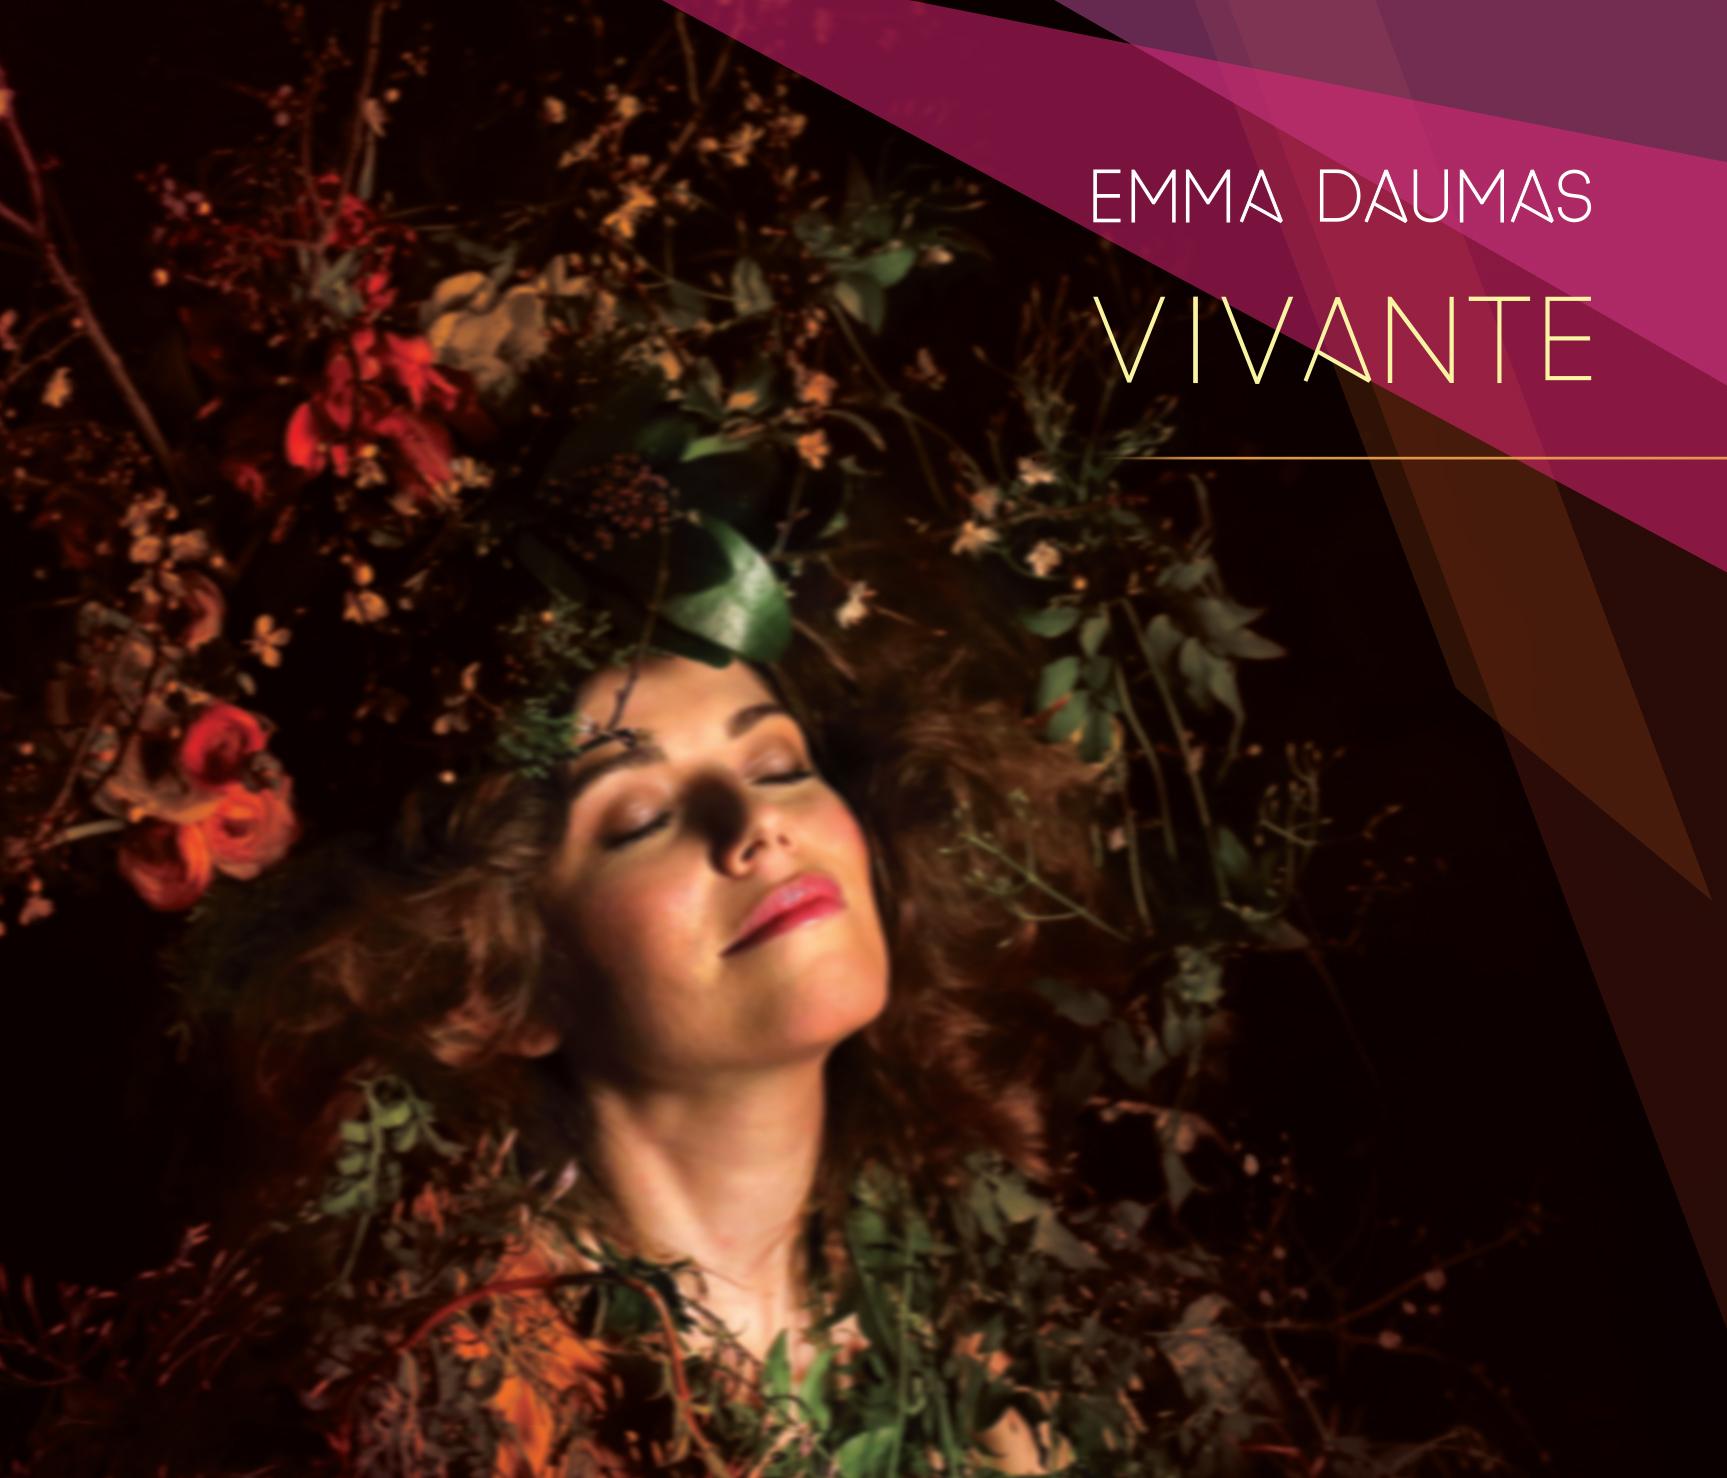 Emma-Daumas-vivante